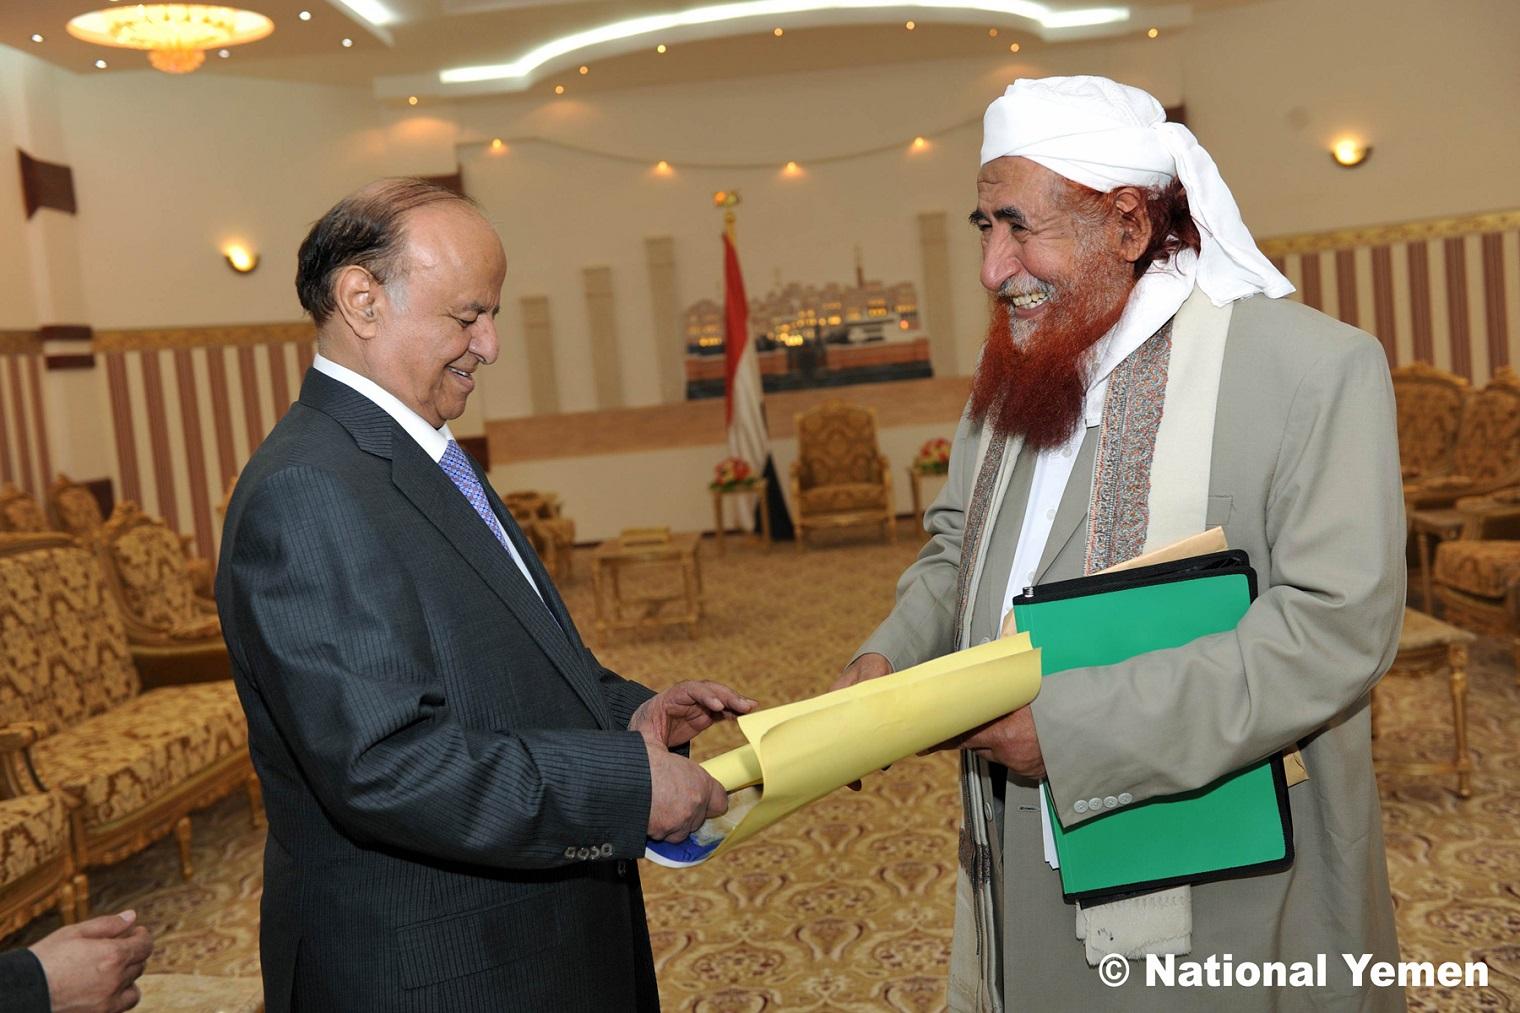 Links: Abu Mansour Hadi - Ex-Präsident der Republik Jemen / Rechts: Hadi Zindani, Gründer und Leiter der Iman-Universität im Jemen, Leiter der politischen Bewegung der jemenitischen Muslimbruderschaft